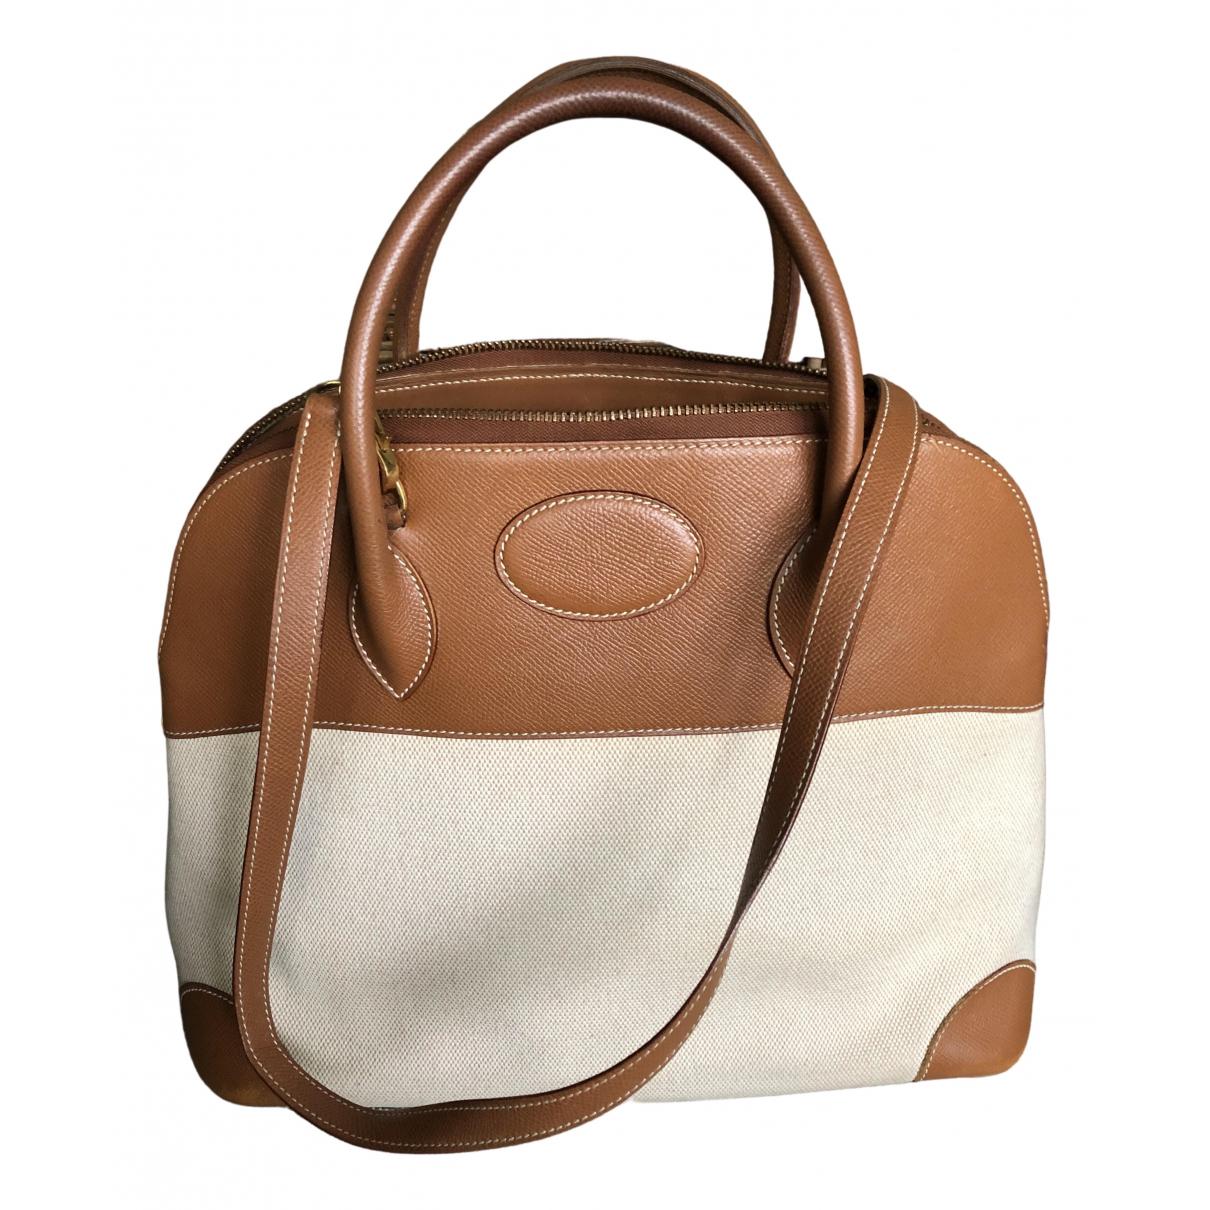 Unuetzer \N Handtasche in  Beige Leinen